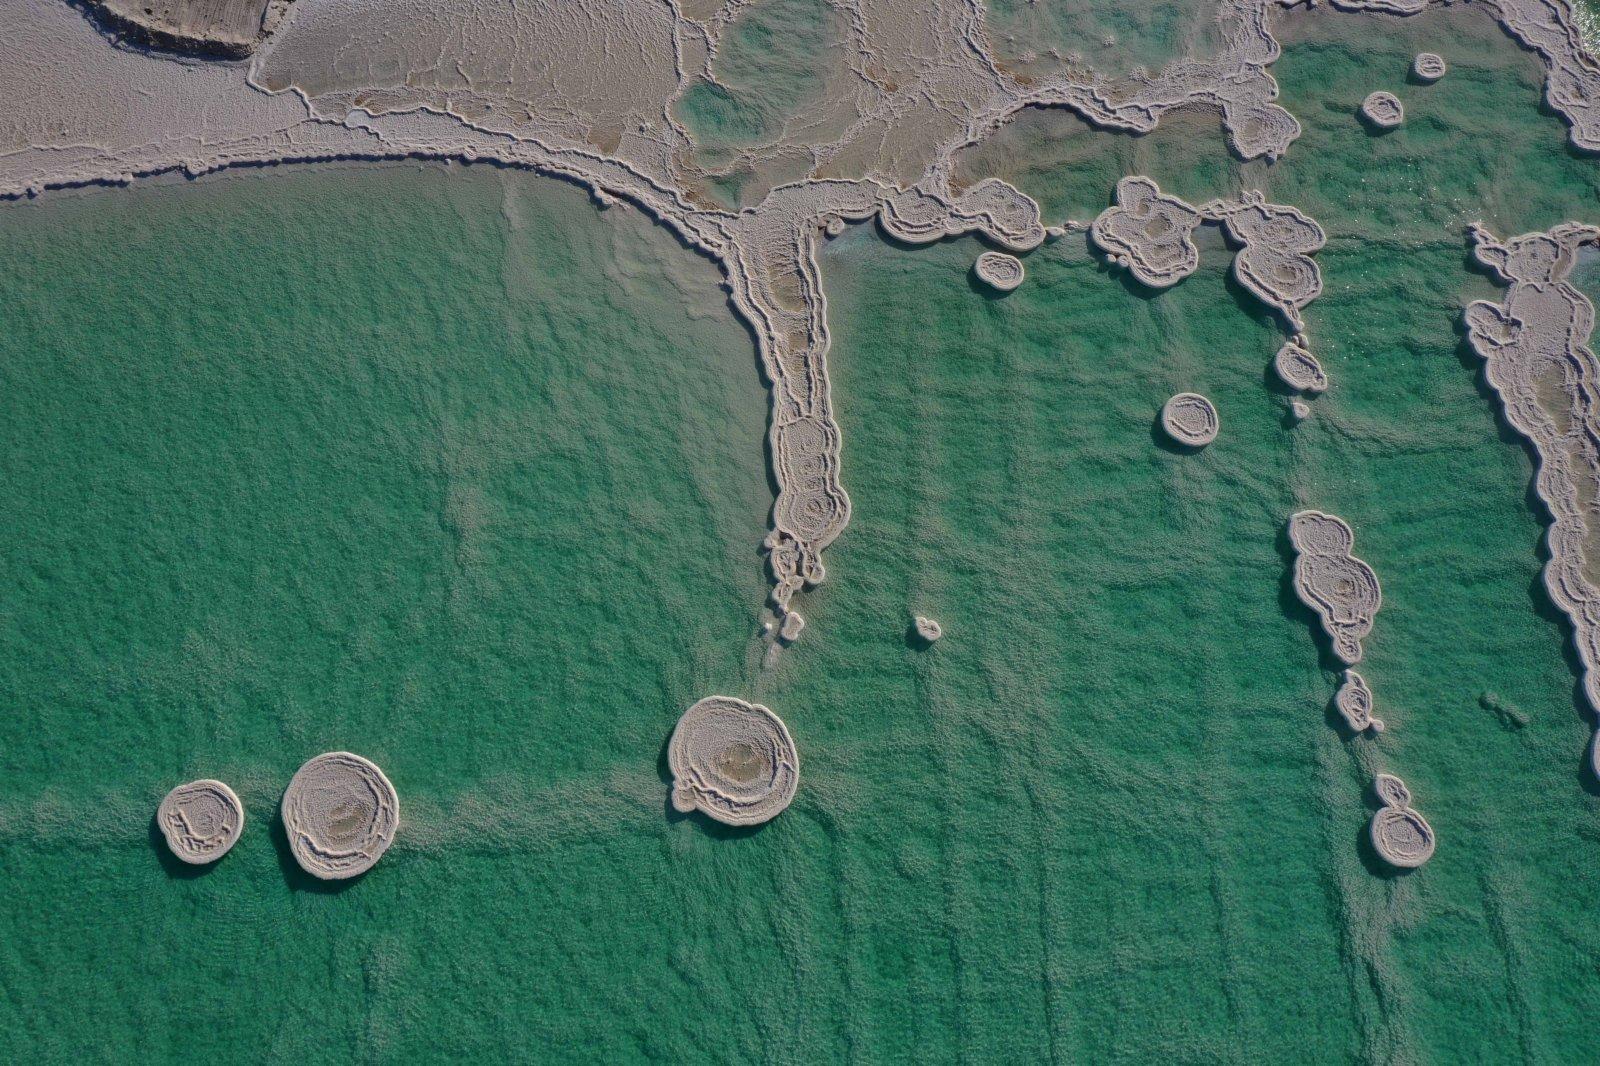 這是1月20日航拍的死海南部的鹽形成的景觀。(新華社)